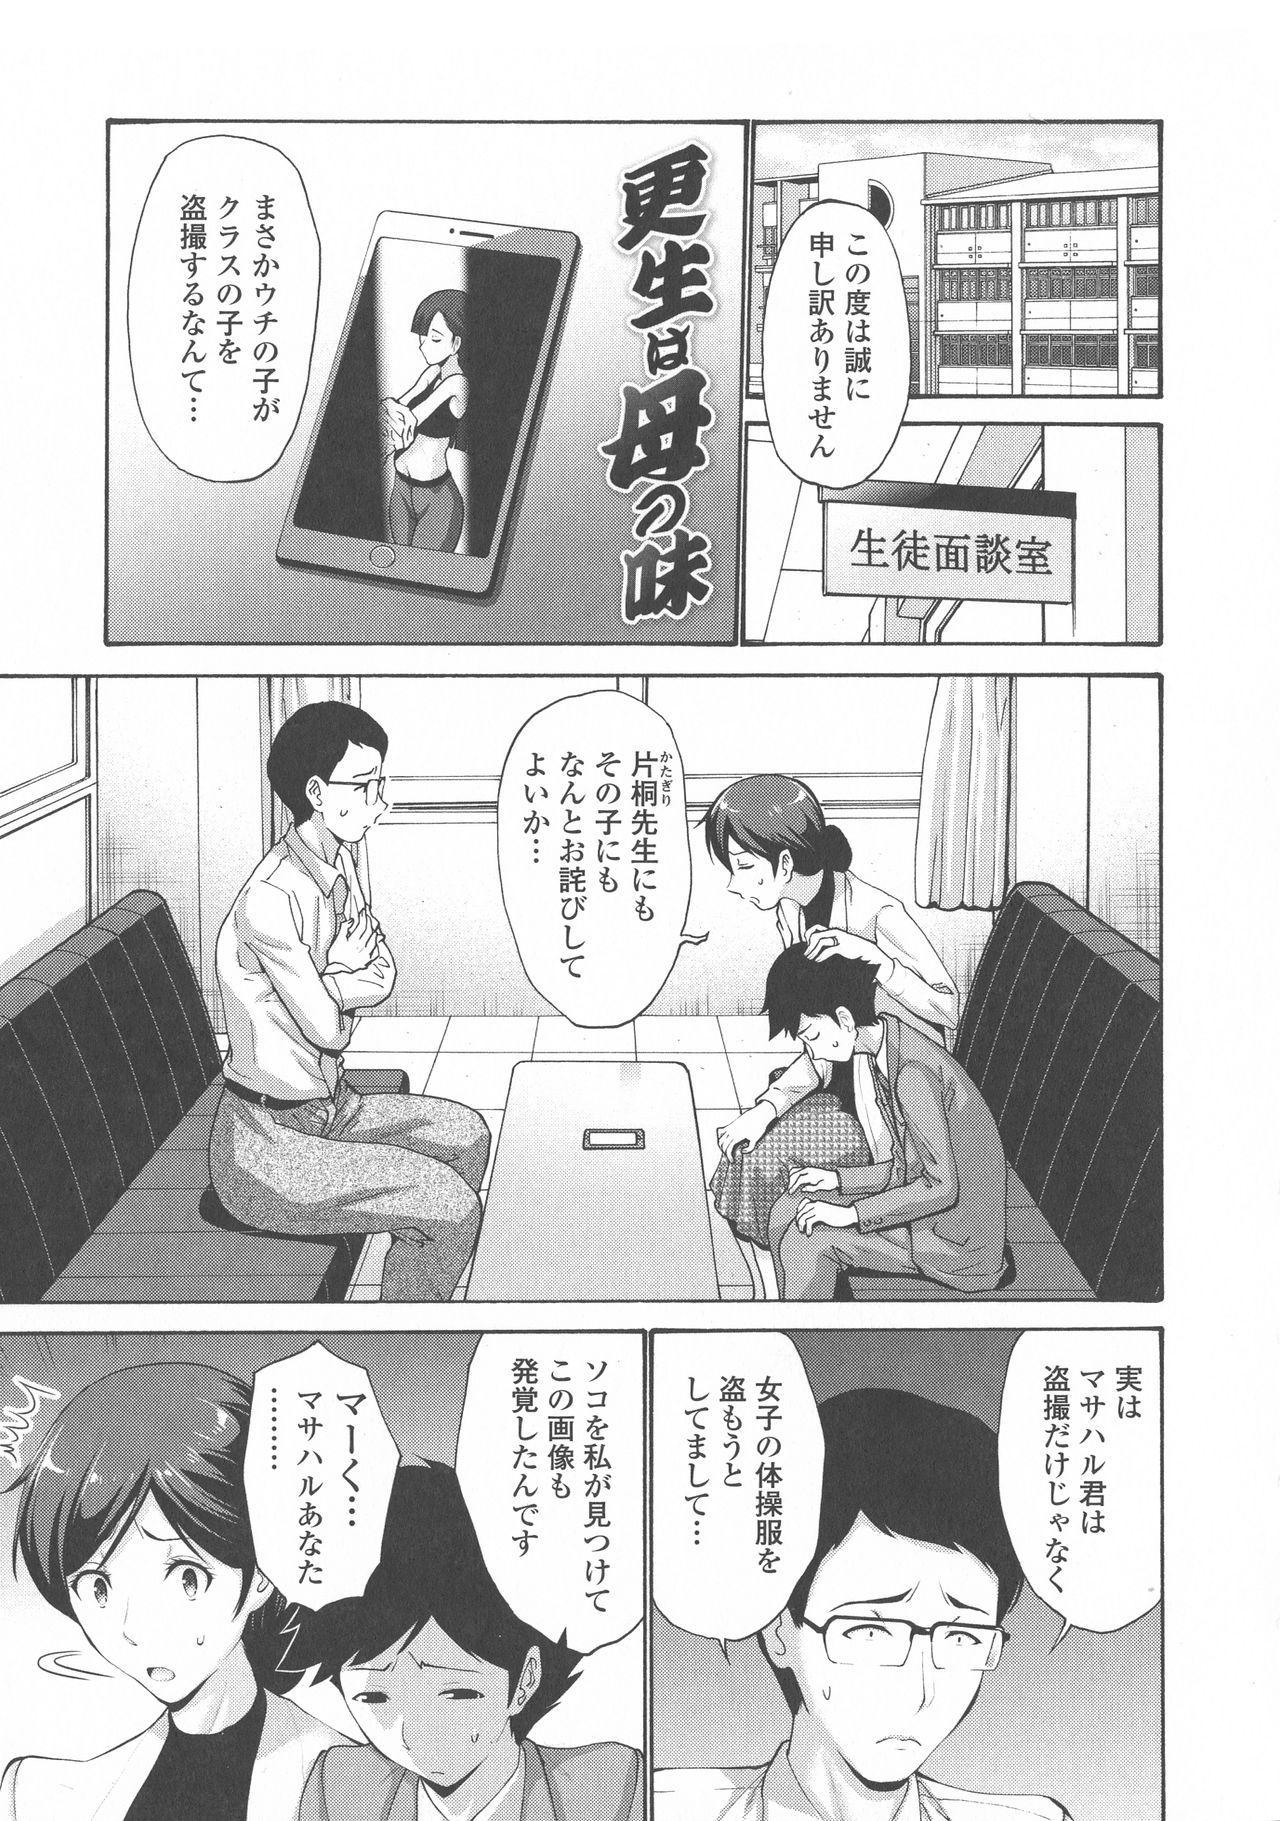 Tomodachi no Haha wa Boku no Mono - His Mother is My Love Hole 193